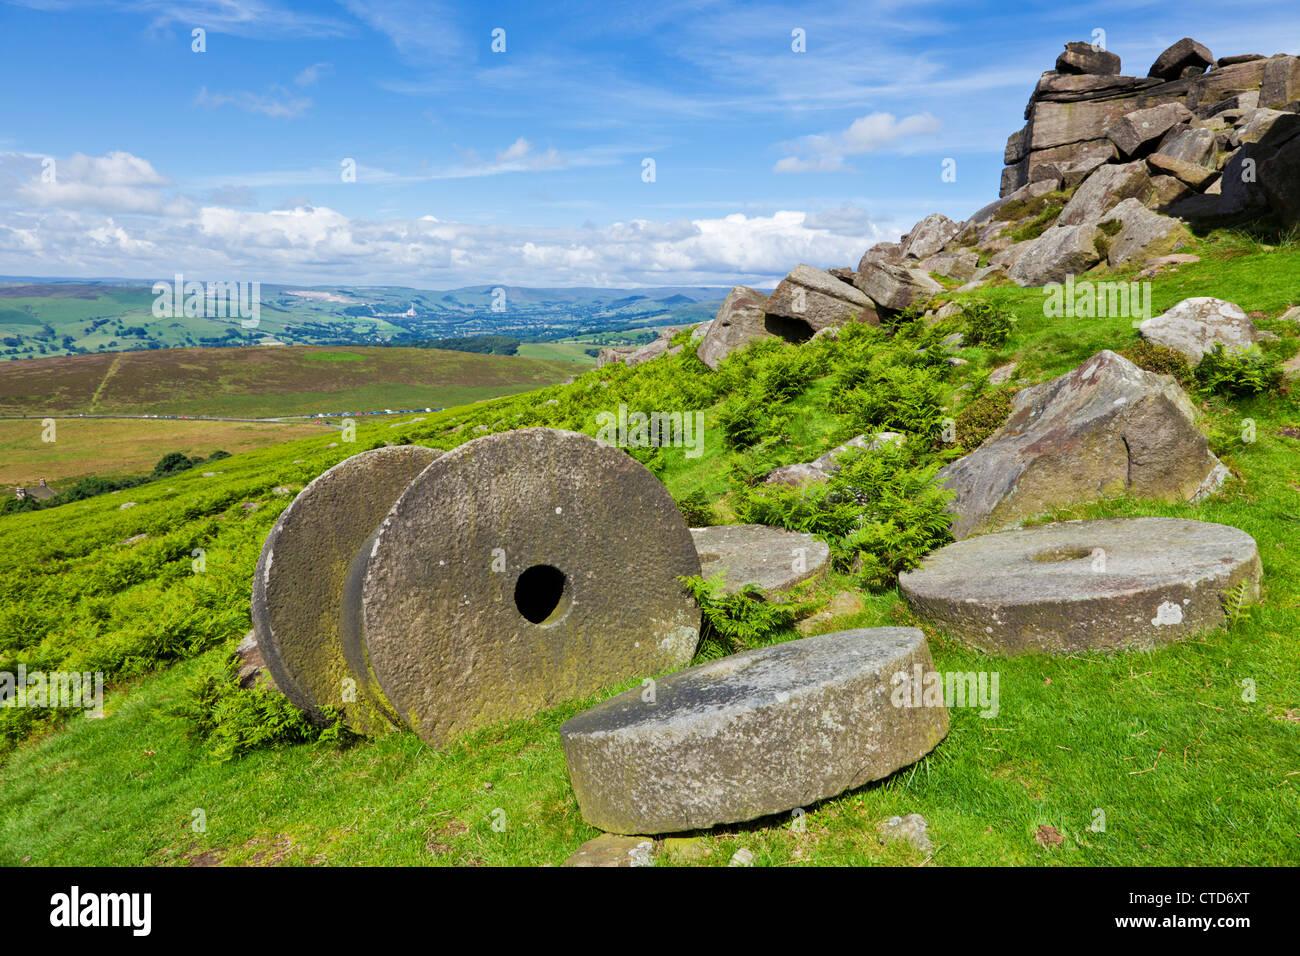 Macine abbandonate bordo Stanage Peak District Derbyshire England Regno Unito gb eu europe Immagini Stock